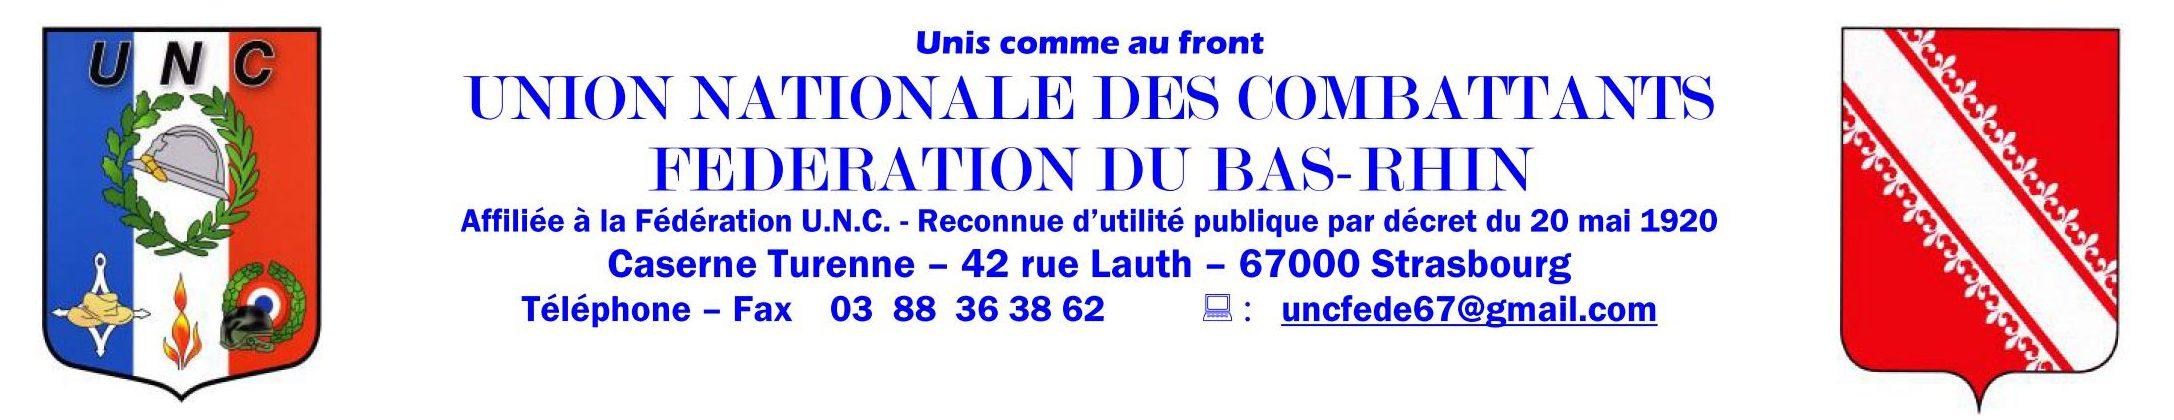 UNION NATIONAL DES COMBATTANTS  Fédération du Bas-Rhin Logo